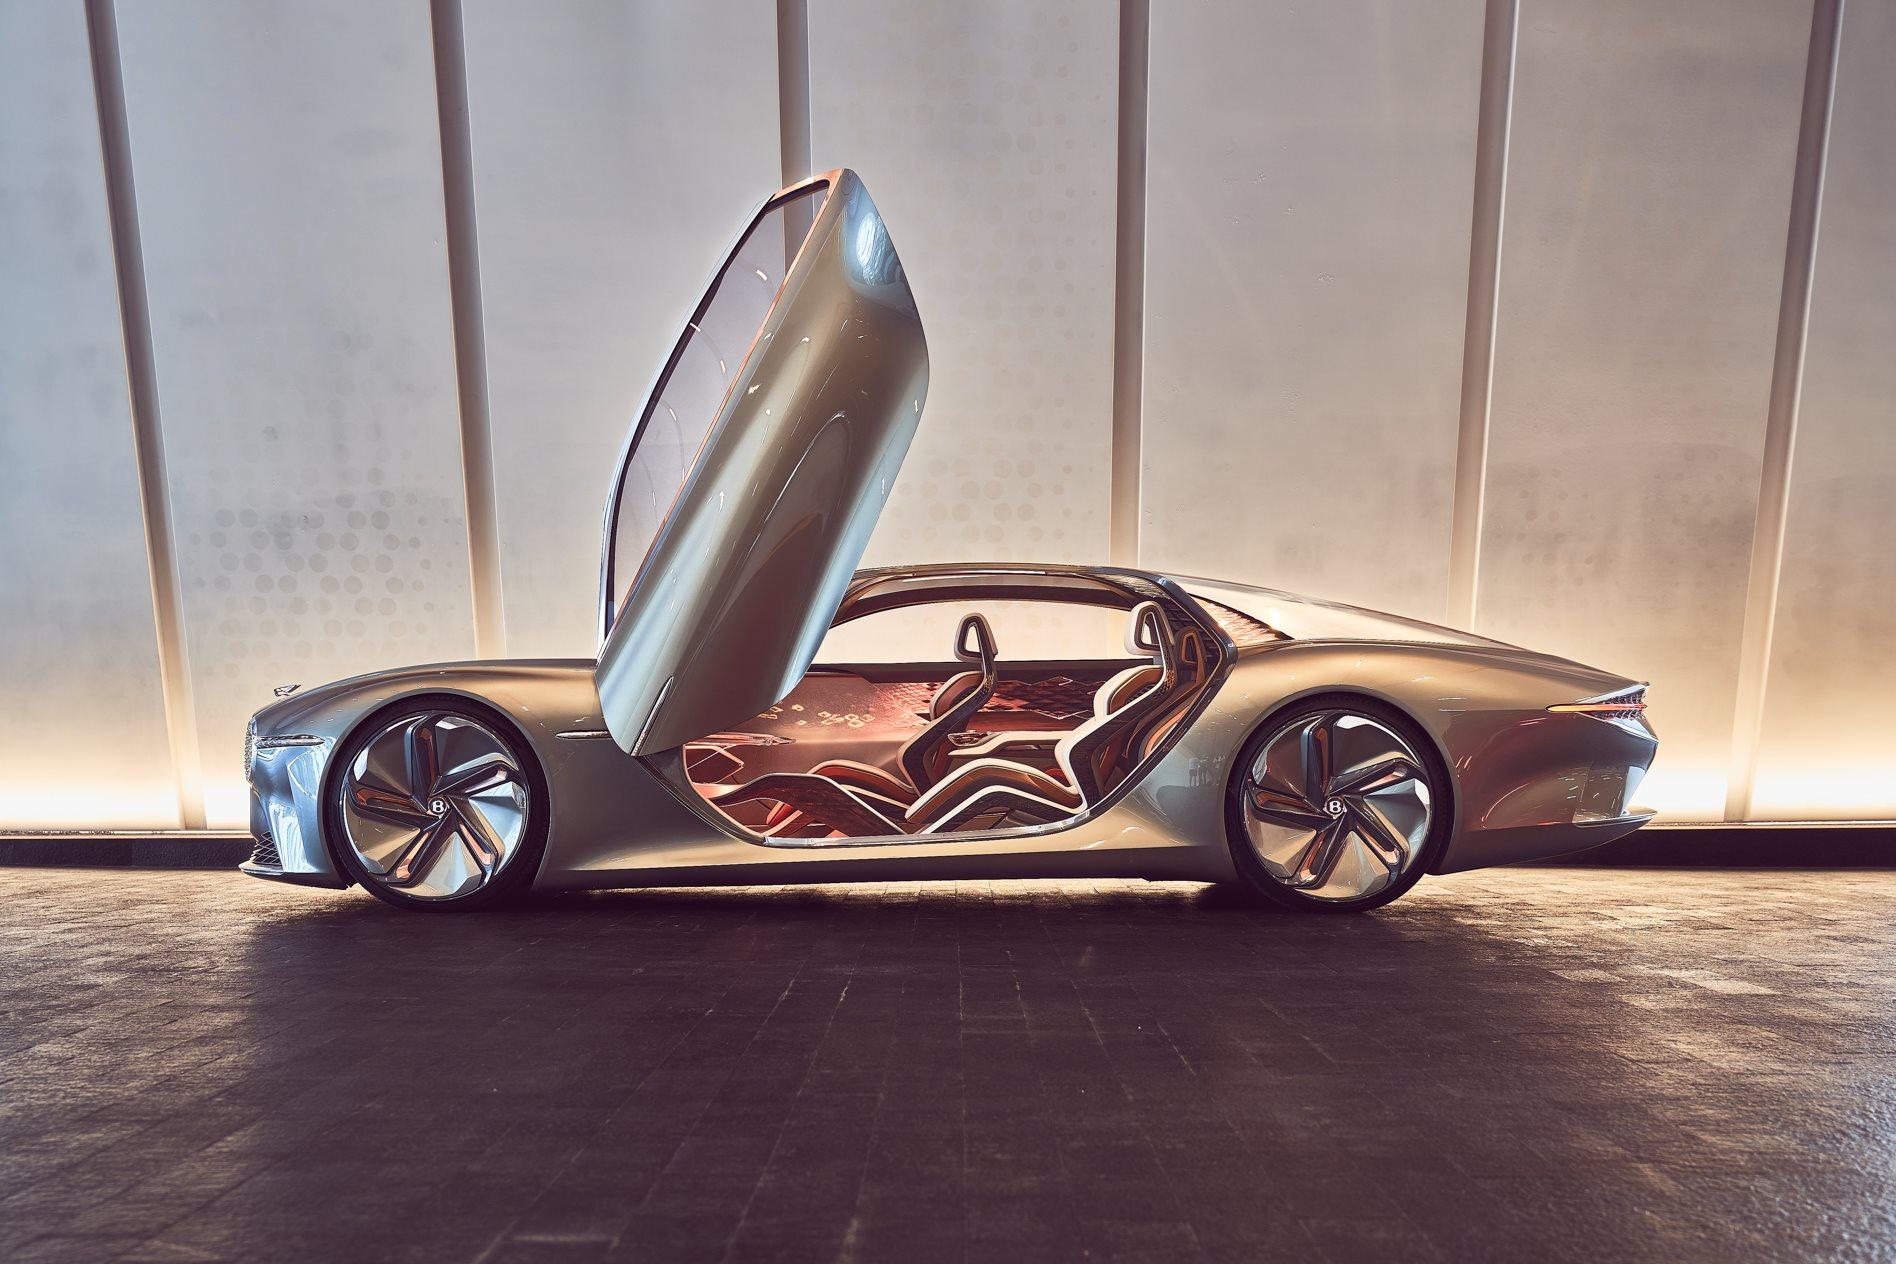 Bentley Baclalar Mulliner Revealed